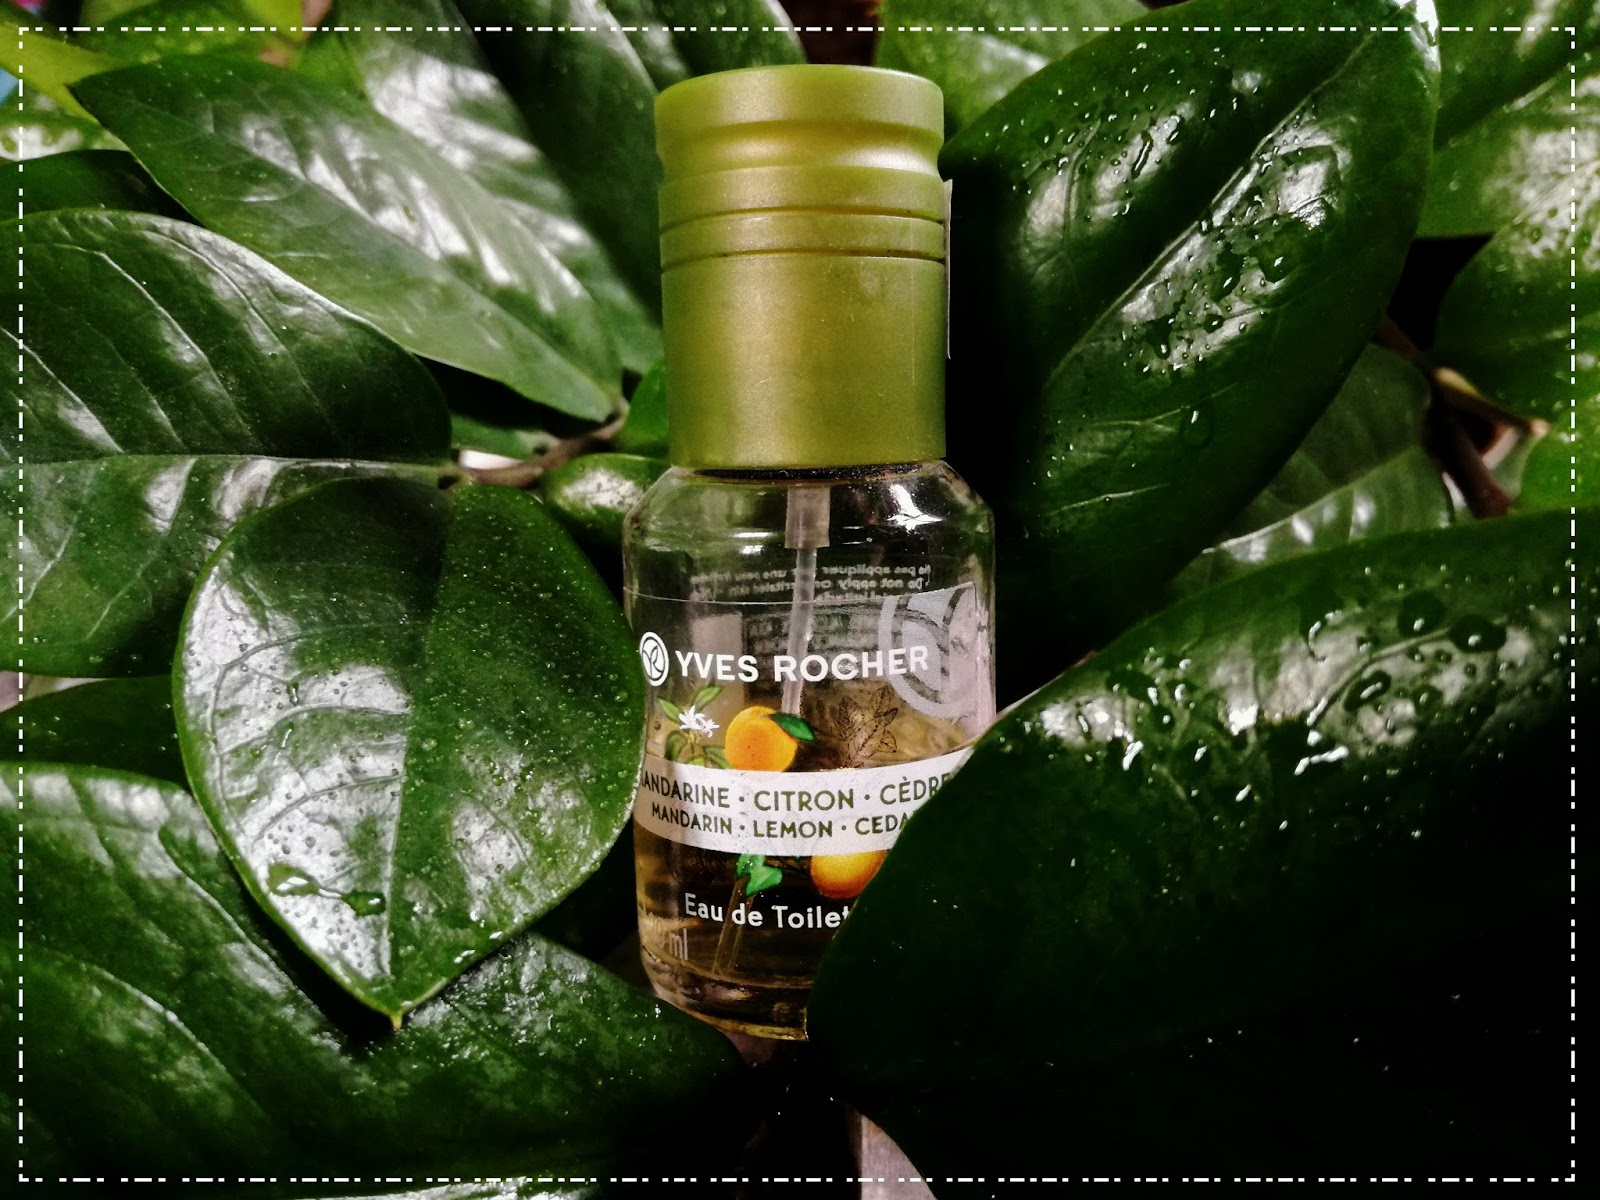 Cedr w asyście cytryny i mandarynki  czyli energetyzująca woda toaletowa Plaisirs Nature od Yves Rocher